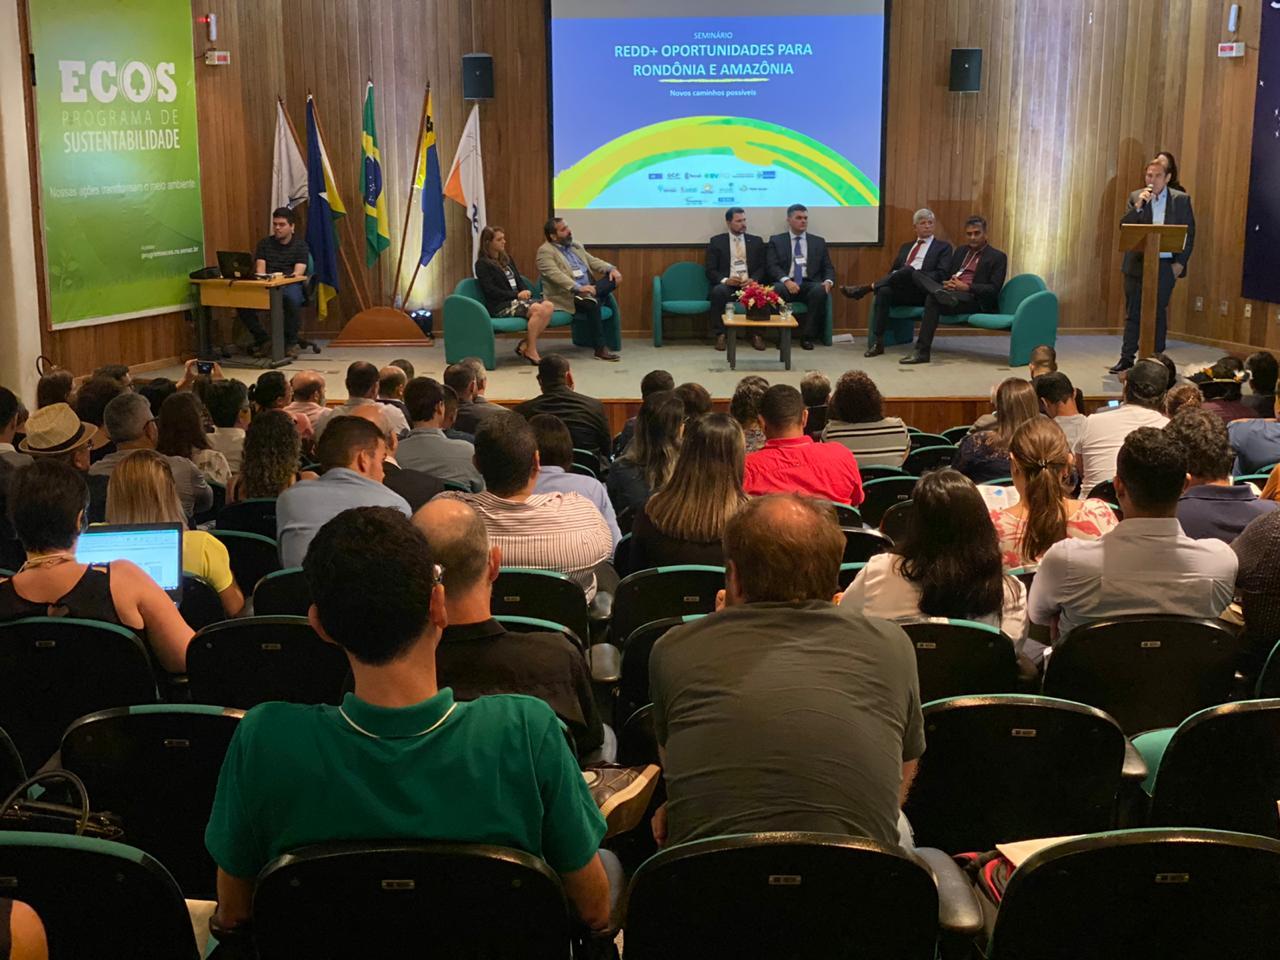 Acre debate valoração de ativos ambientais, em Rondônia